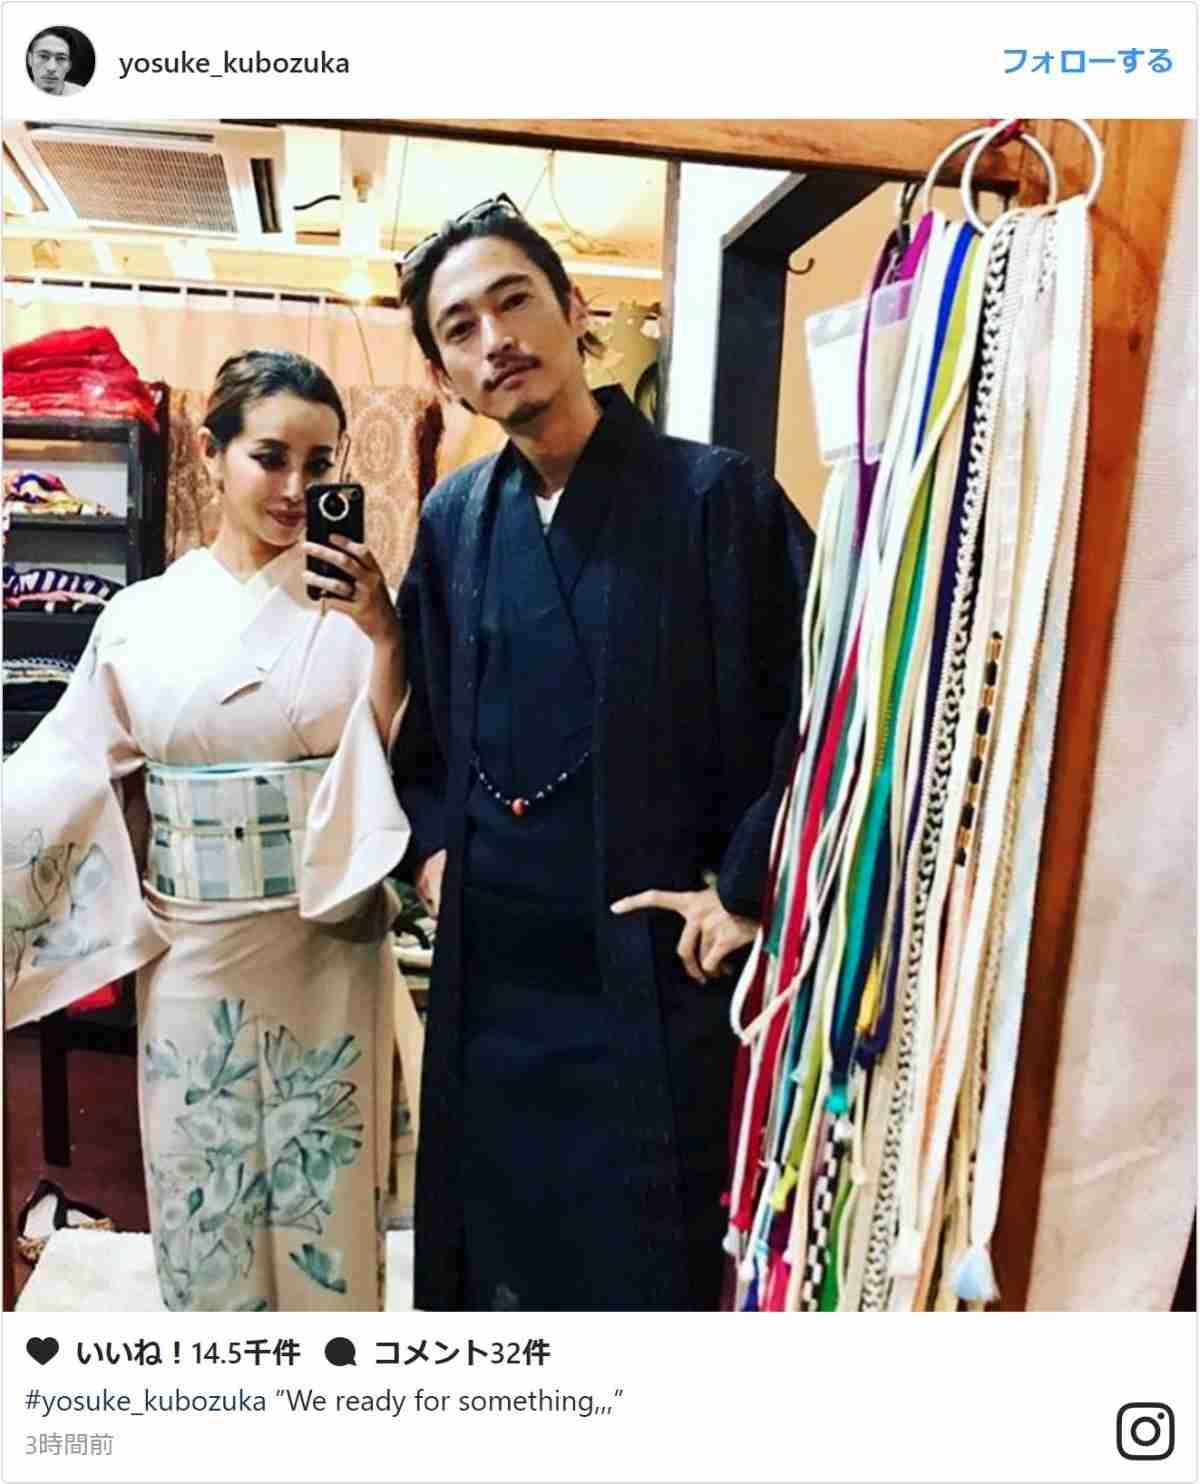 窪塚洋介、妻との着物ツーショットに反響!「美男美女」「素敵な夫婦」 - シネマトゥデイ